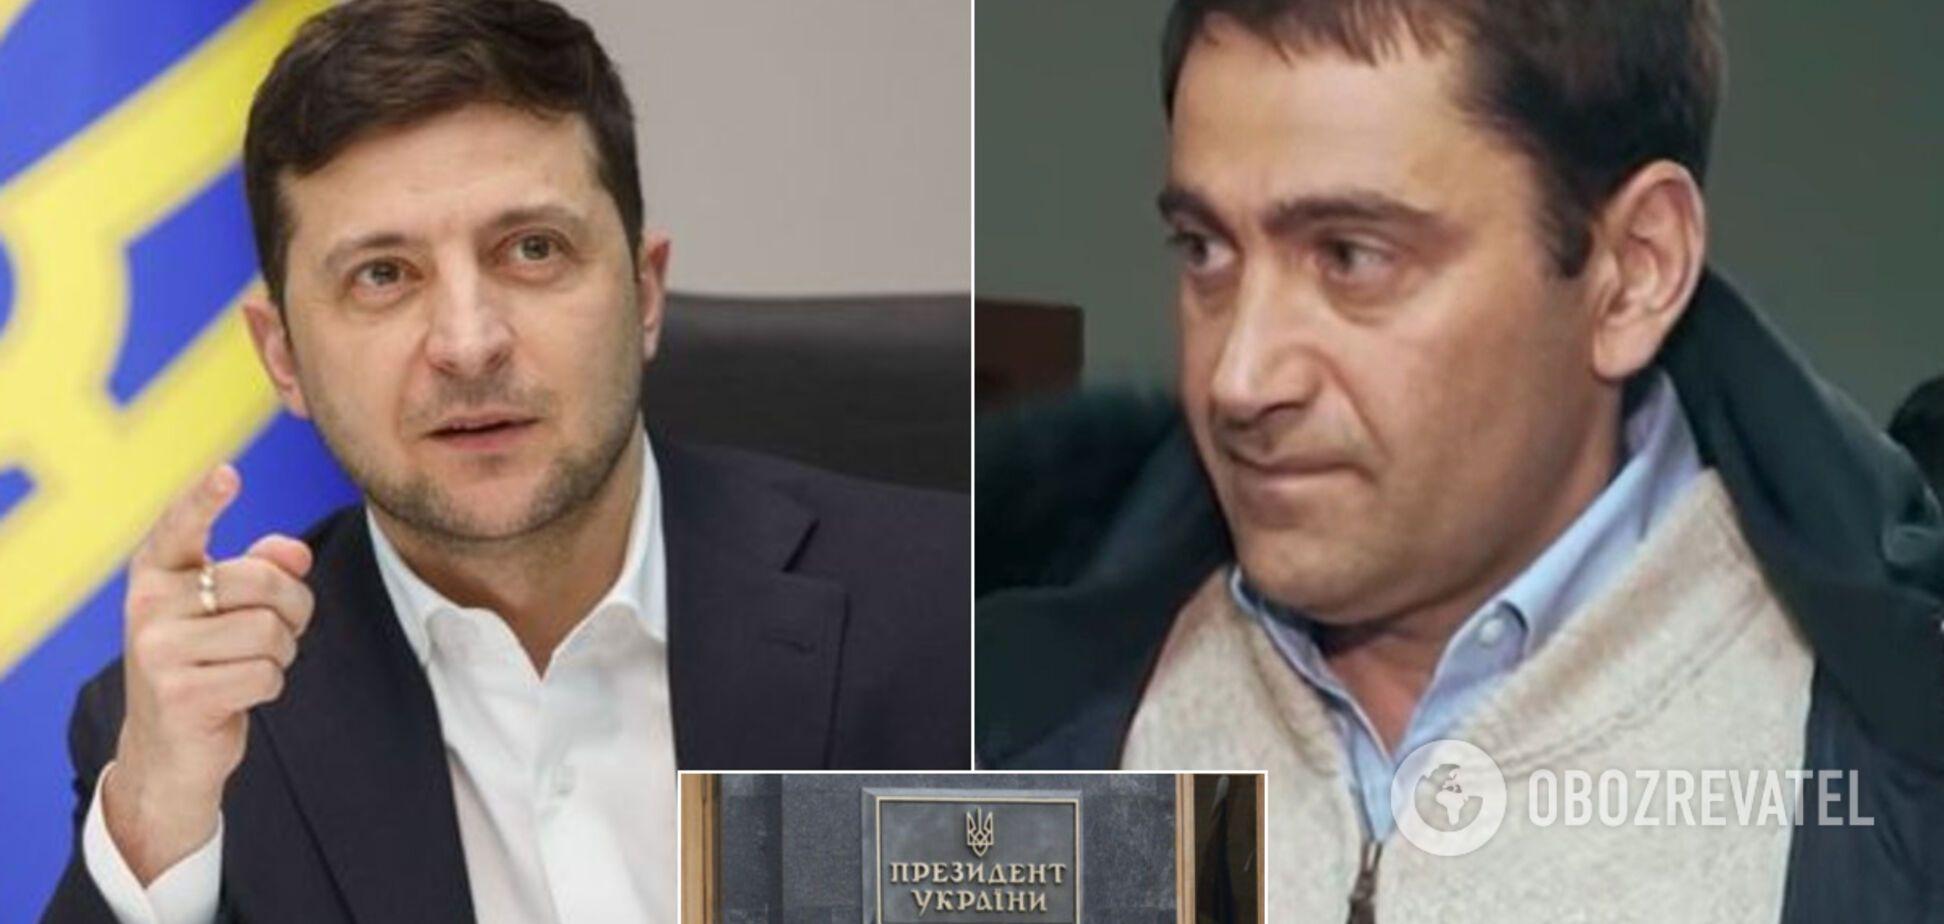 Баум – головний: Зеленський дав вказівки щодо запуску казино в Україні